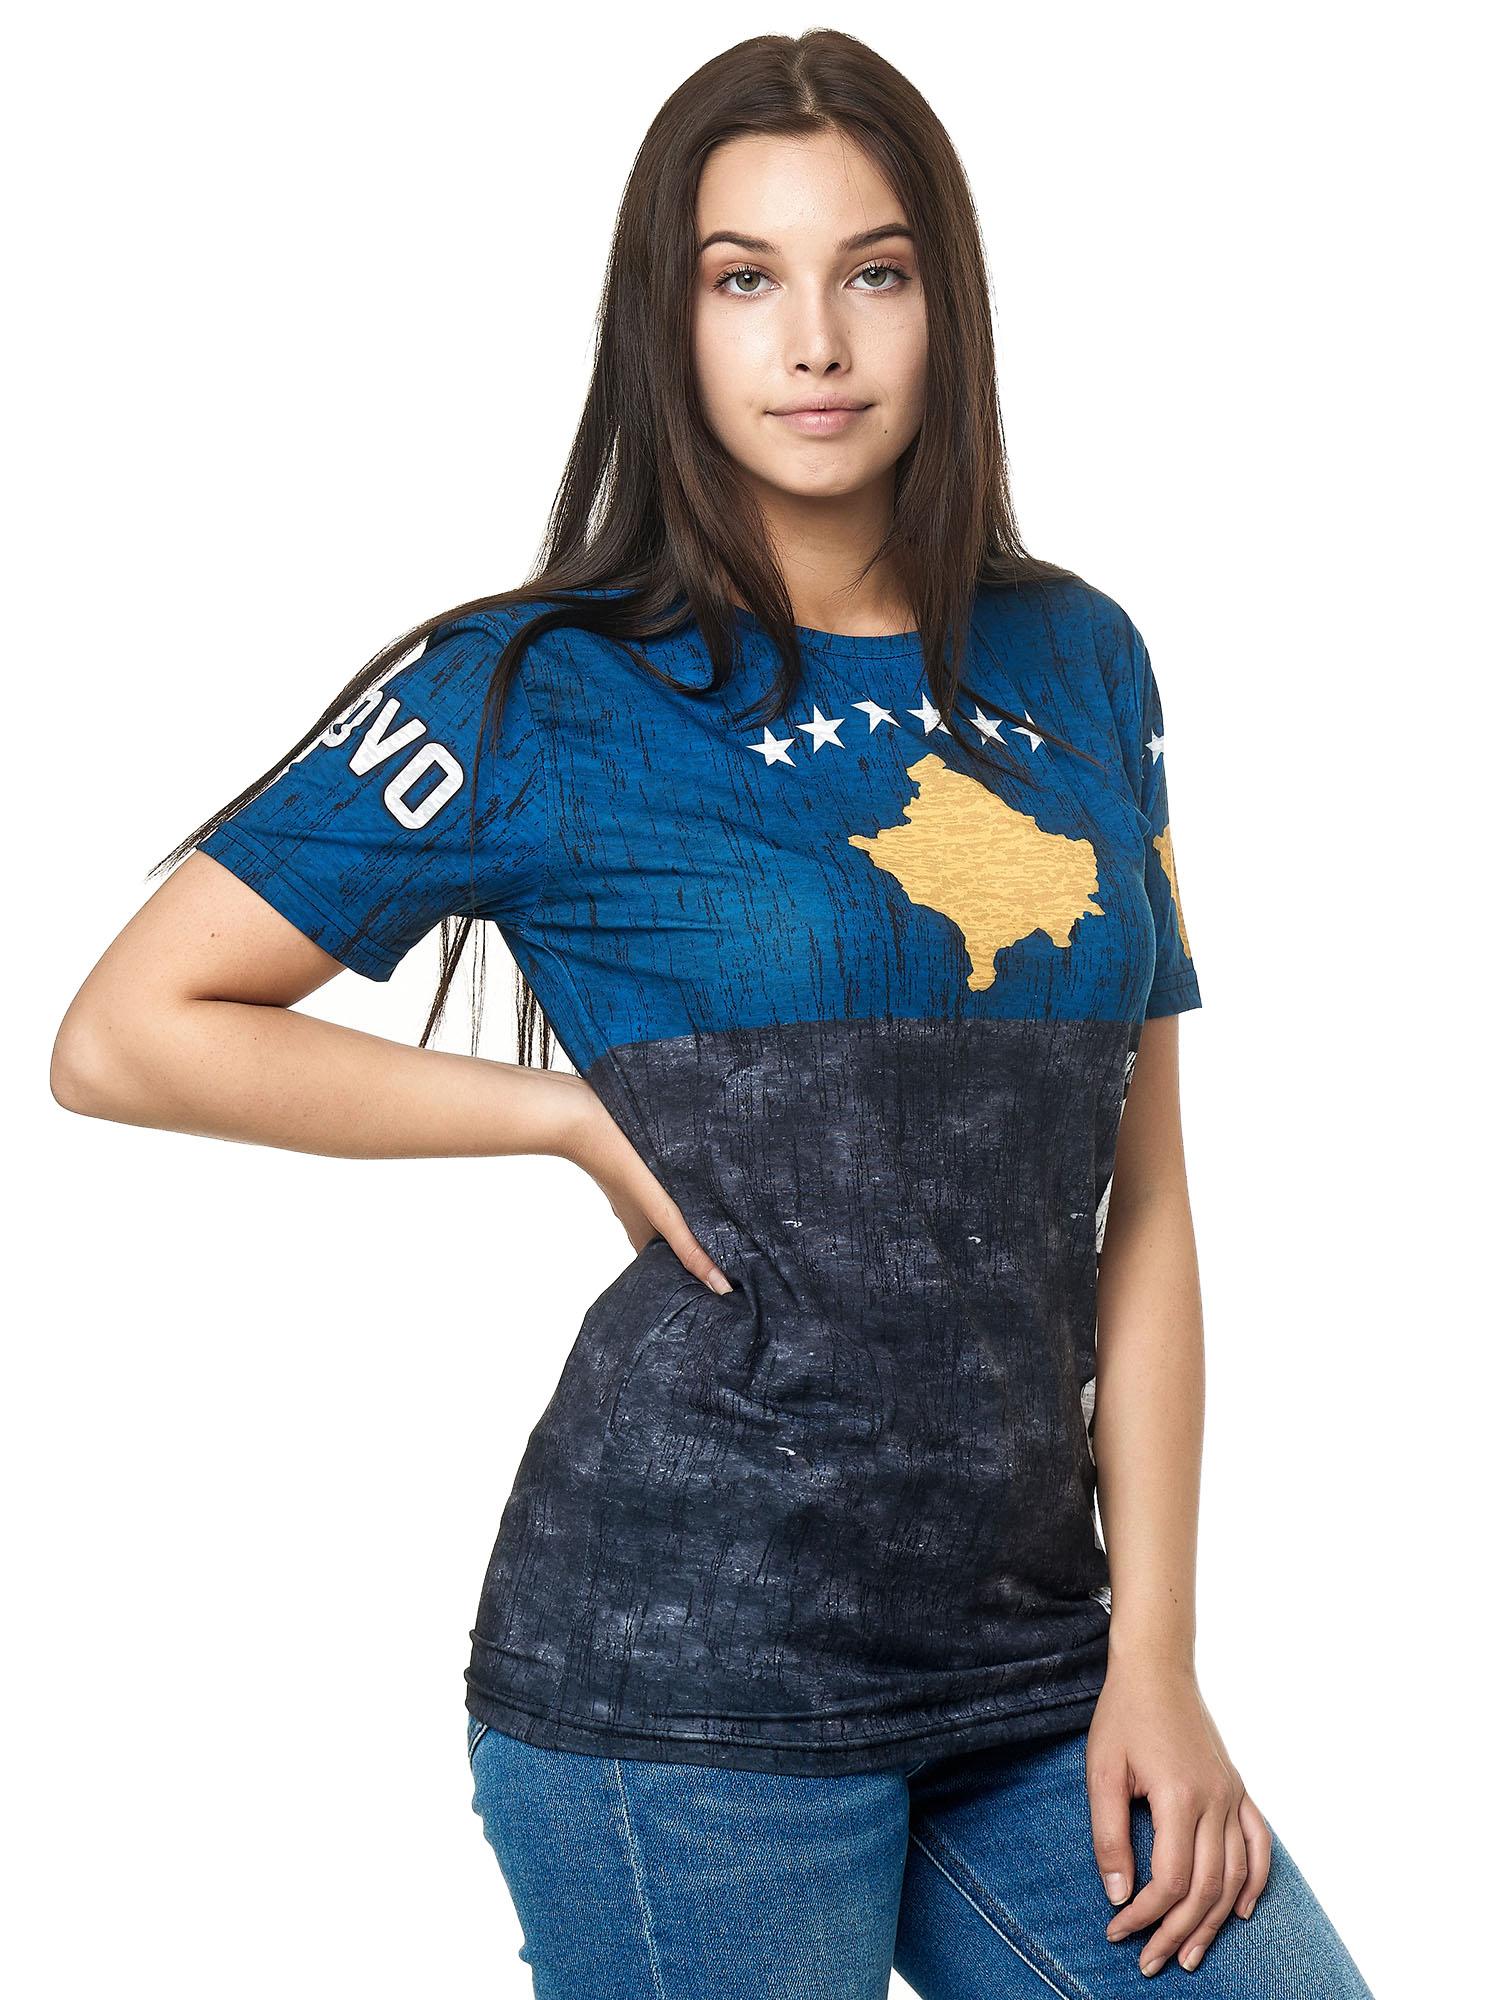 Paesi-da-Donna-T-shirt-A-Maniche-Corte-Girocollo-donne-CALCIO-Fanshirt-John-Kayna miniatura 78